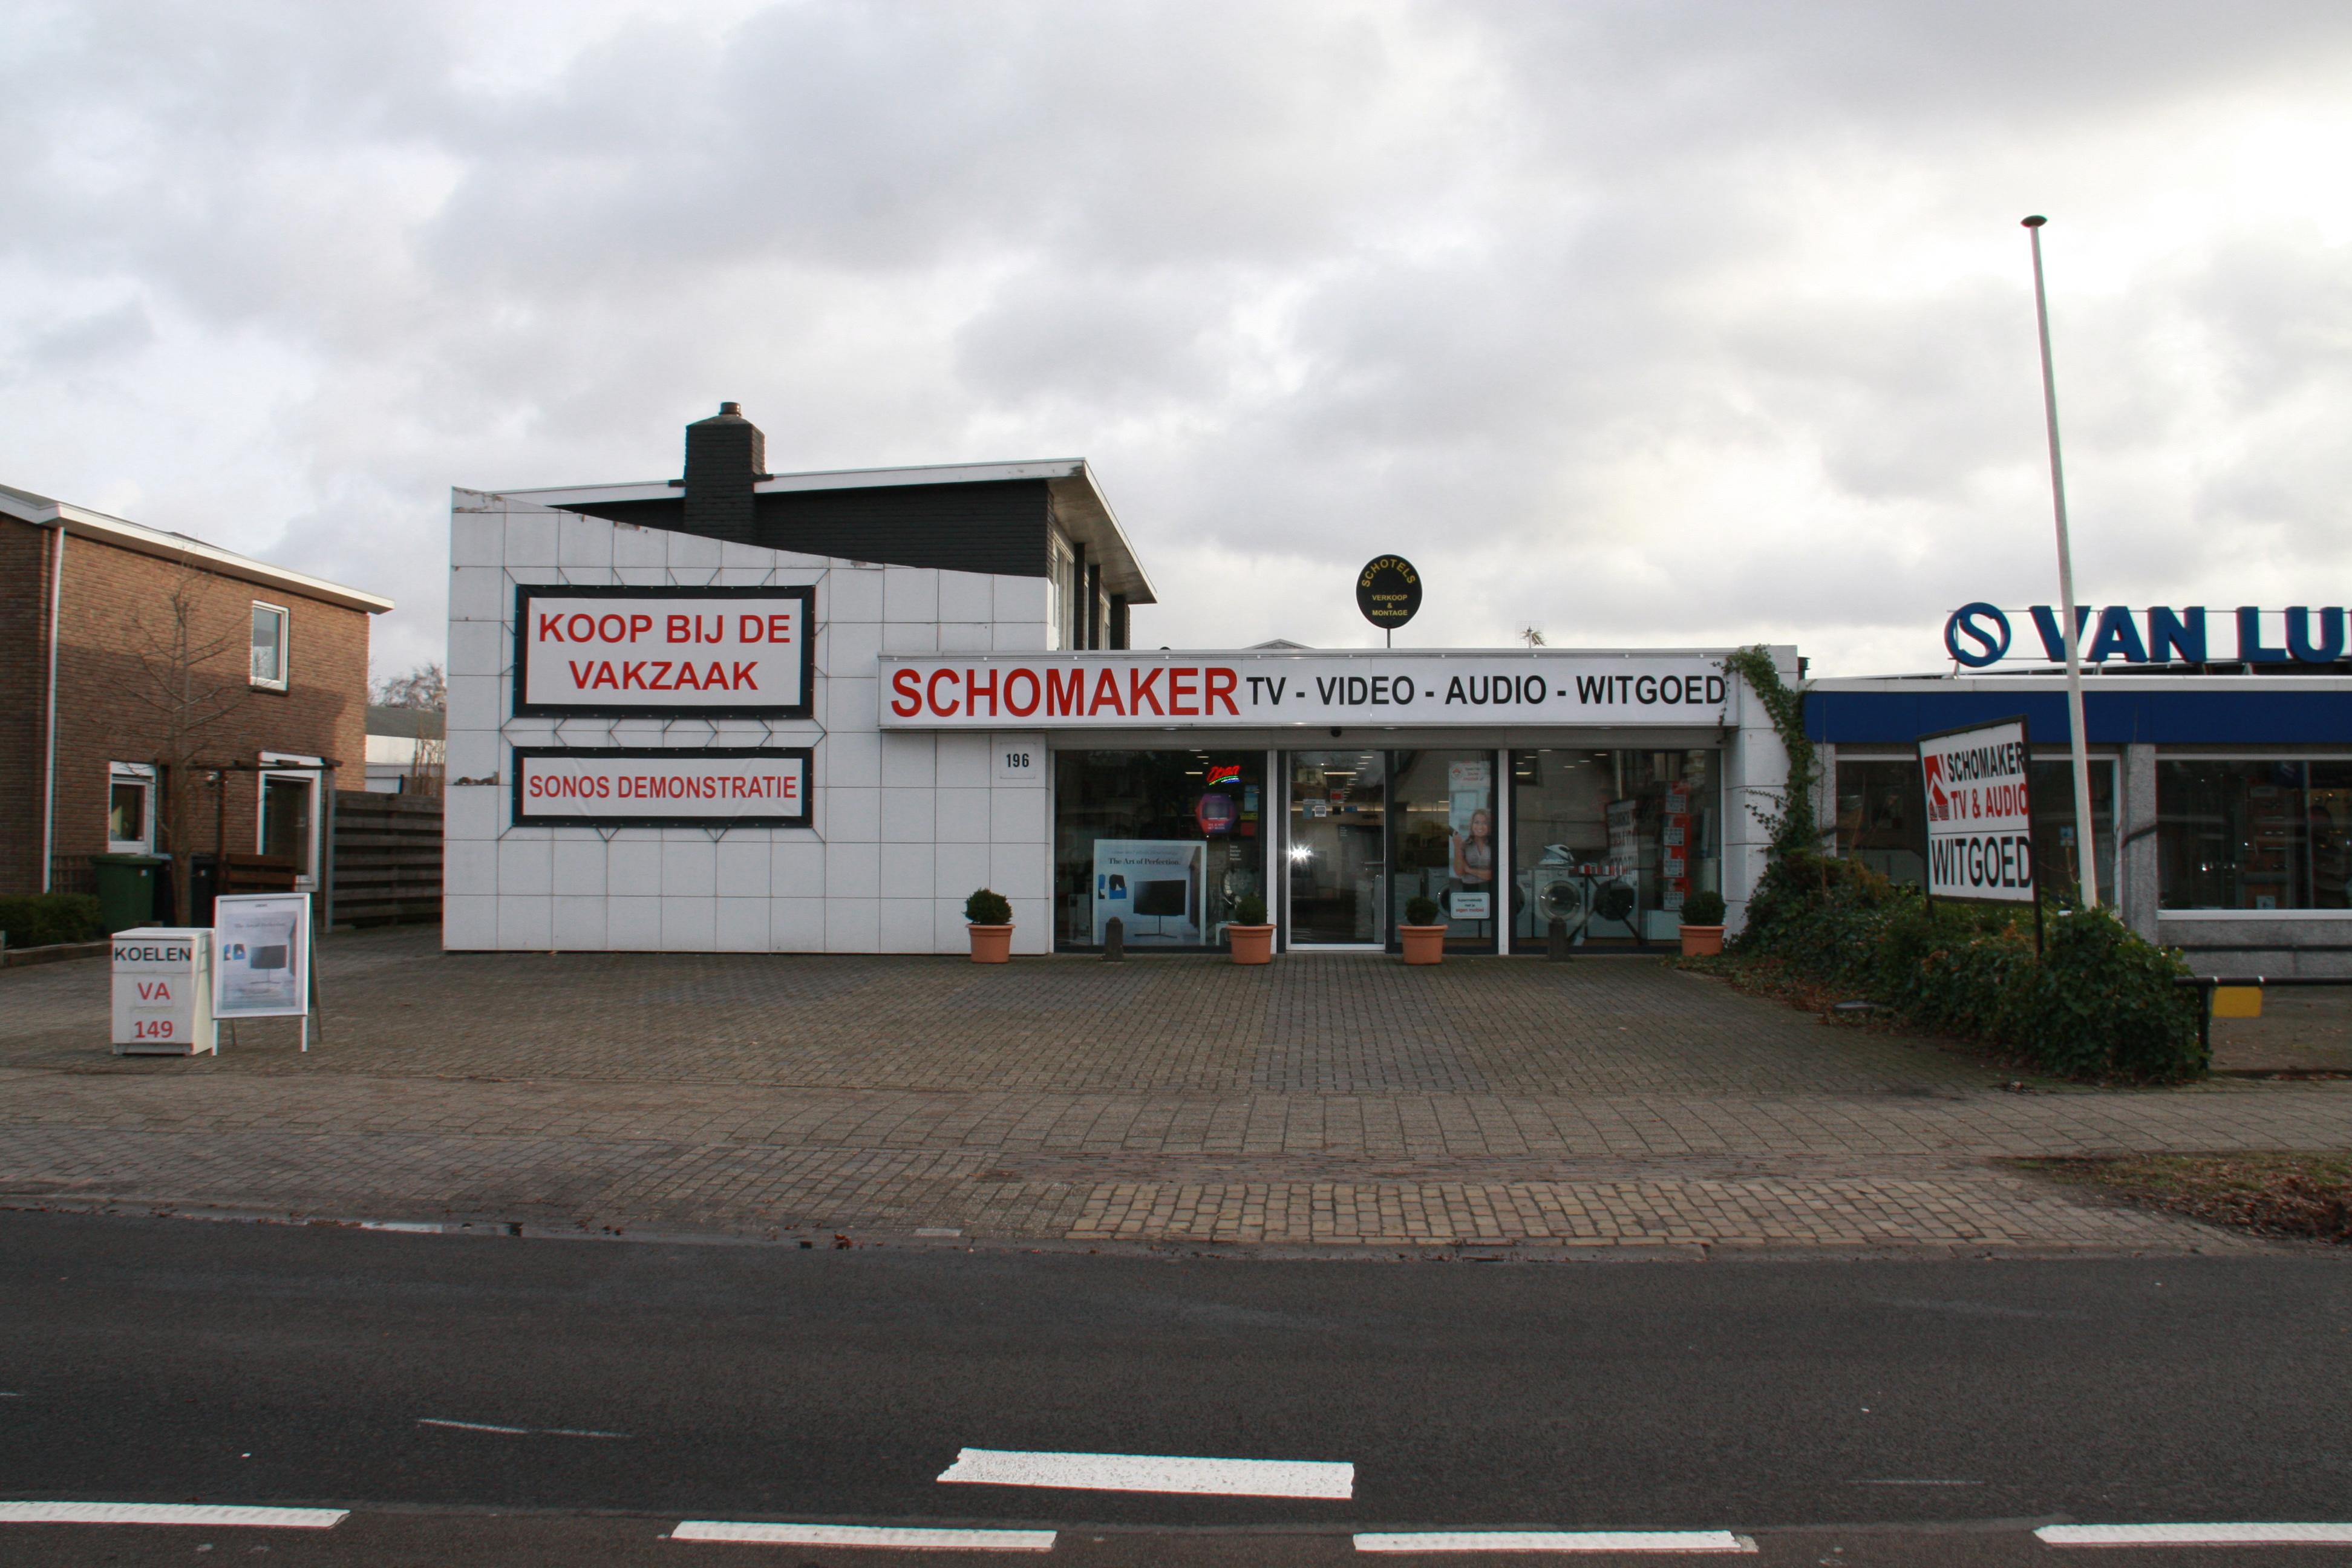 Schomaker TV